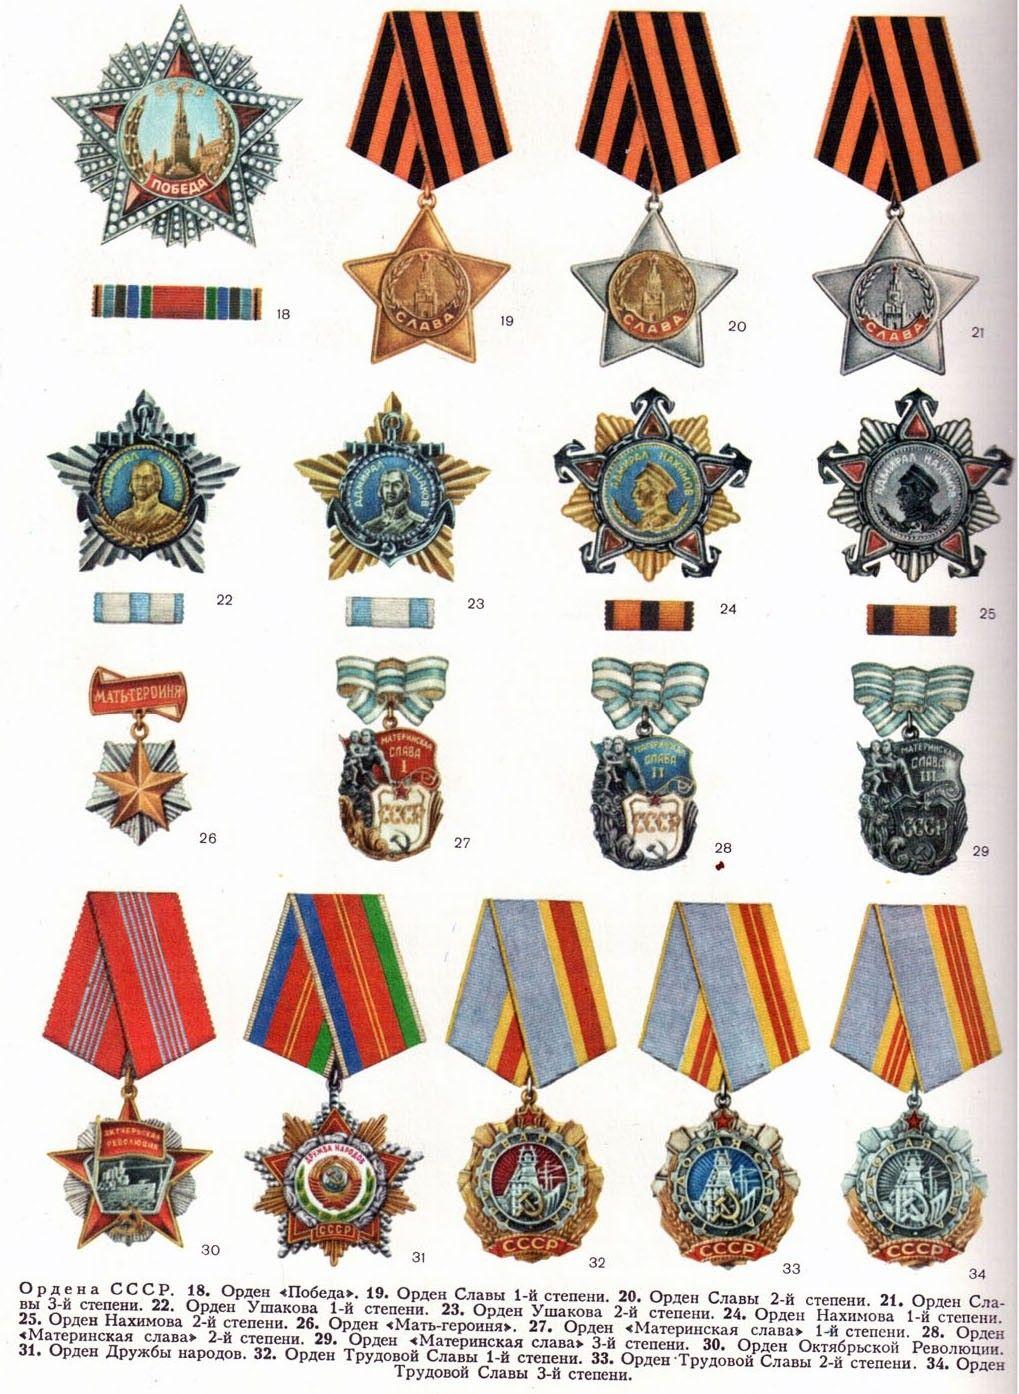 все медали и ордена в картинках часть жизни работал